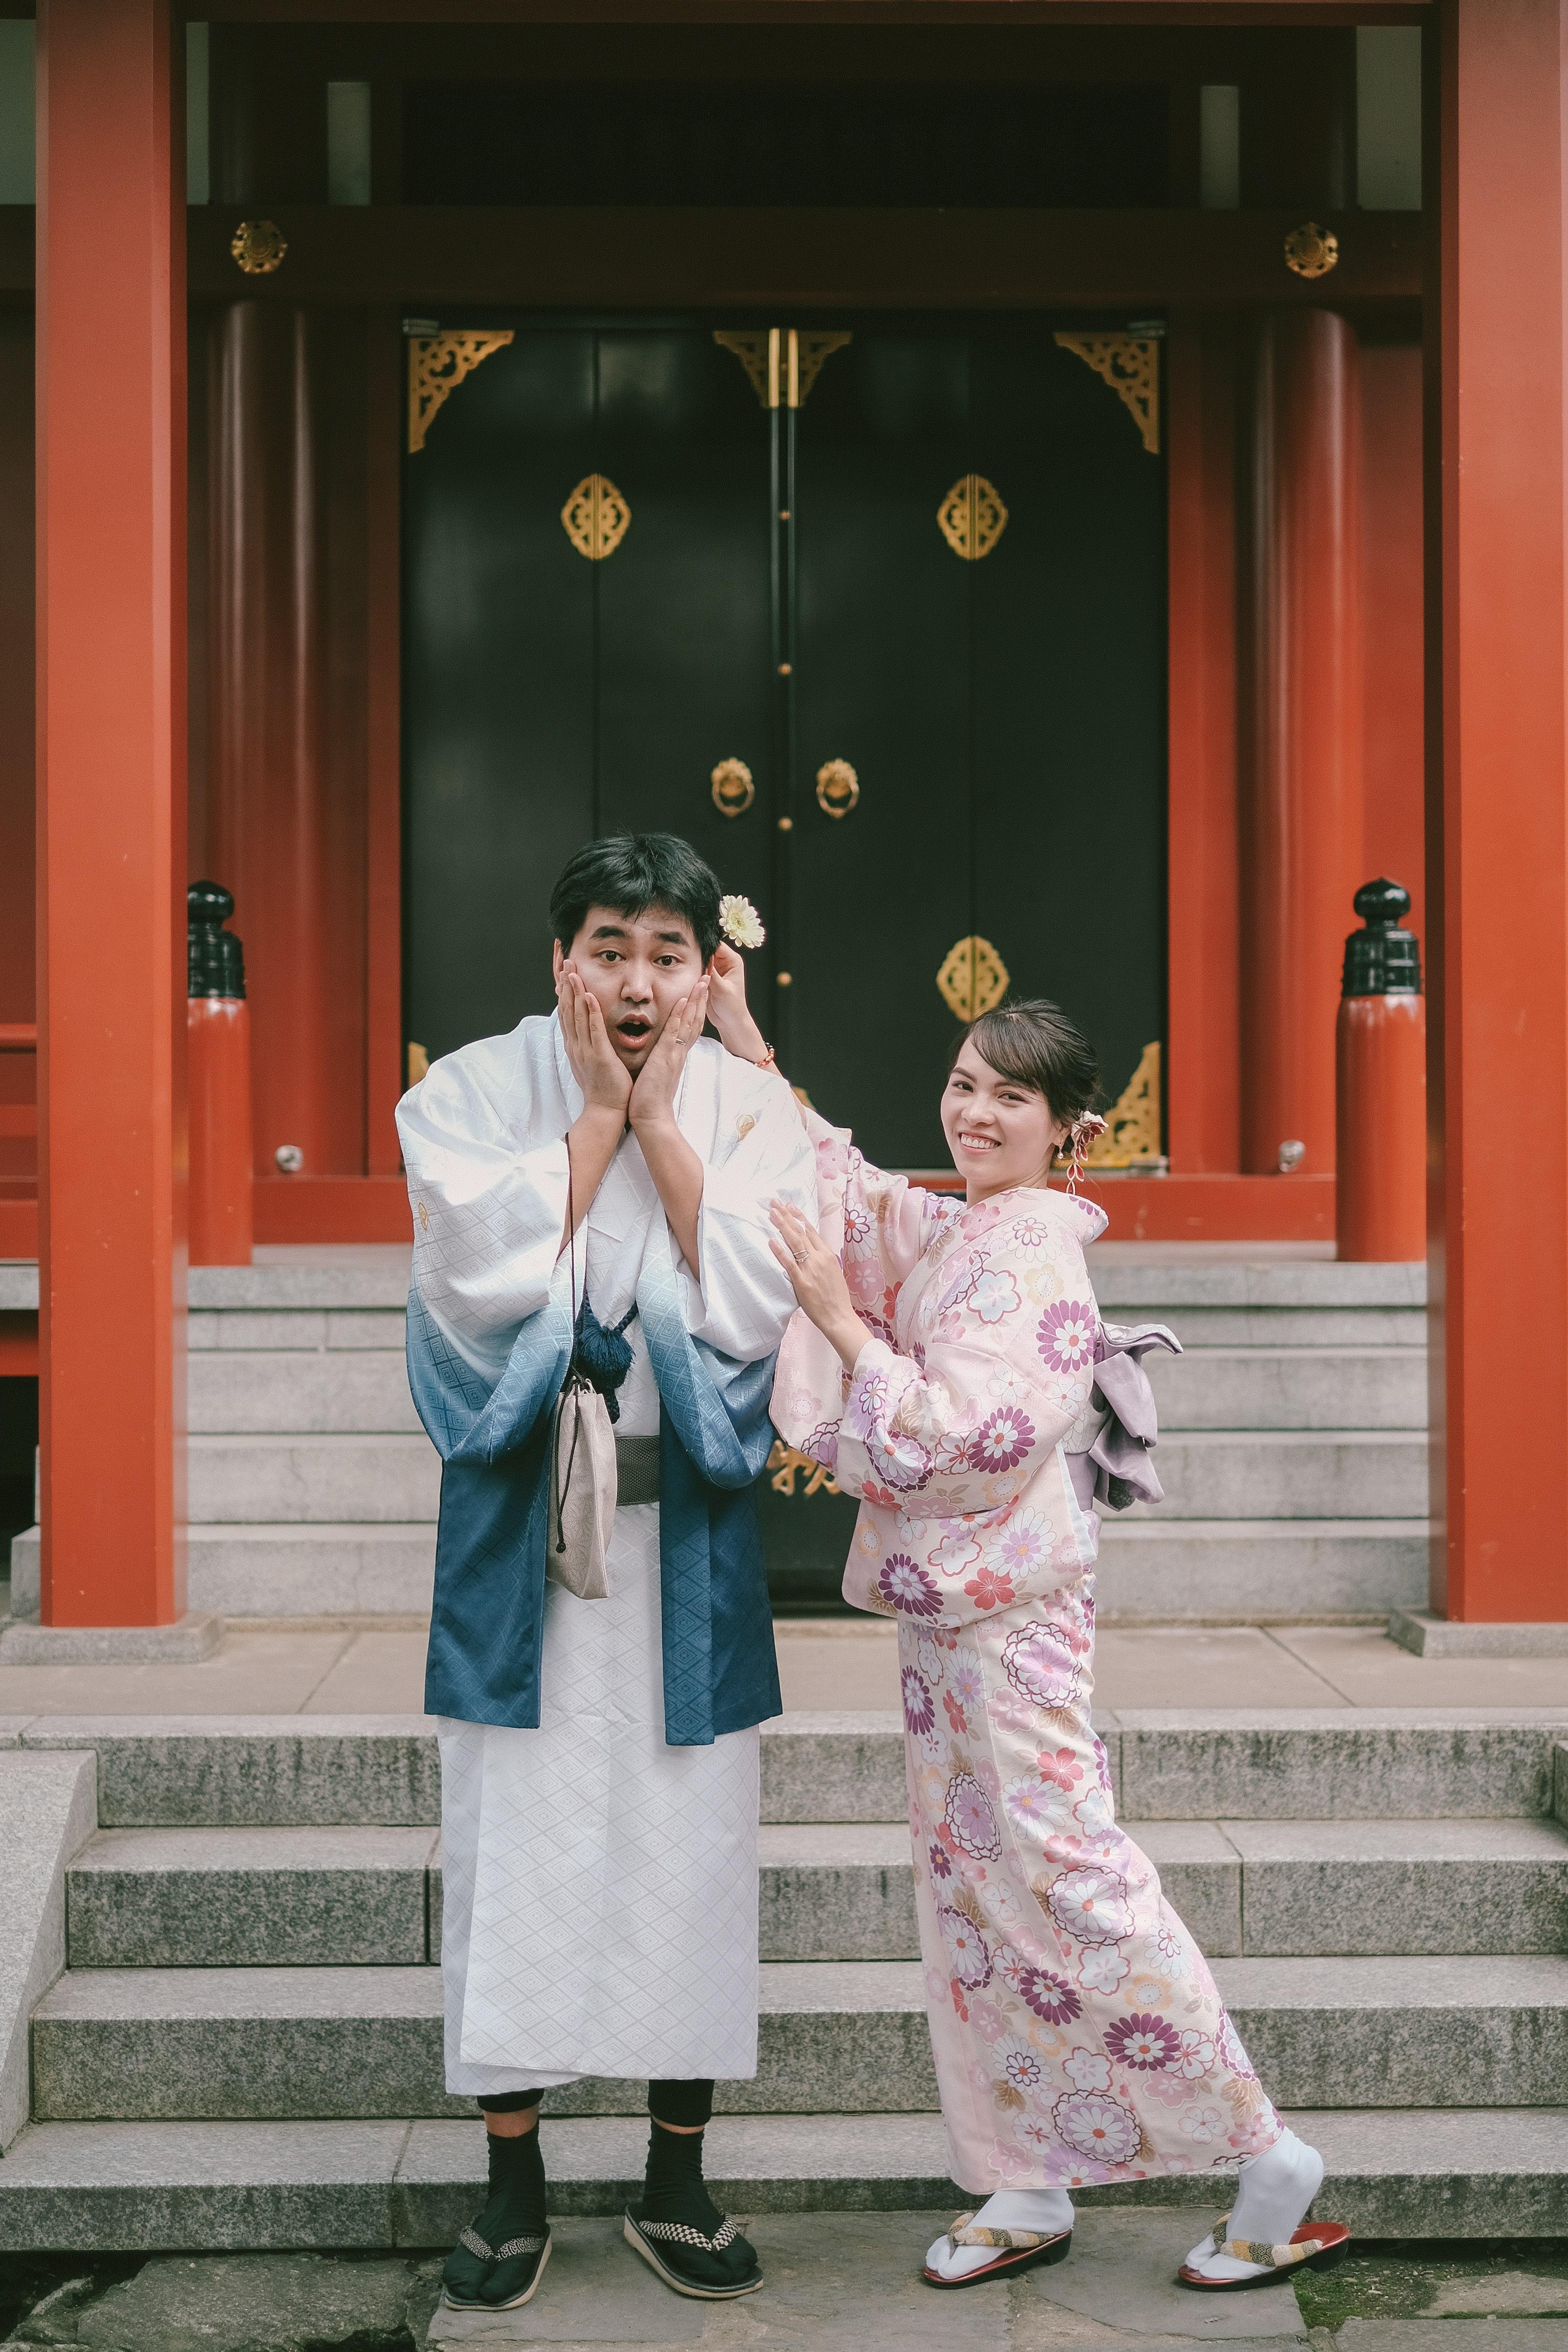 Lấy bối cảnh ở đền Asakusa Kannon - ngôi đền linh thiêng của Tokyo, cặp đôi Việt - Nhật đem lại cảm giác yên bình cho người xem thông qua bộ ảnh cưới Kimono.